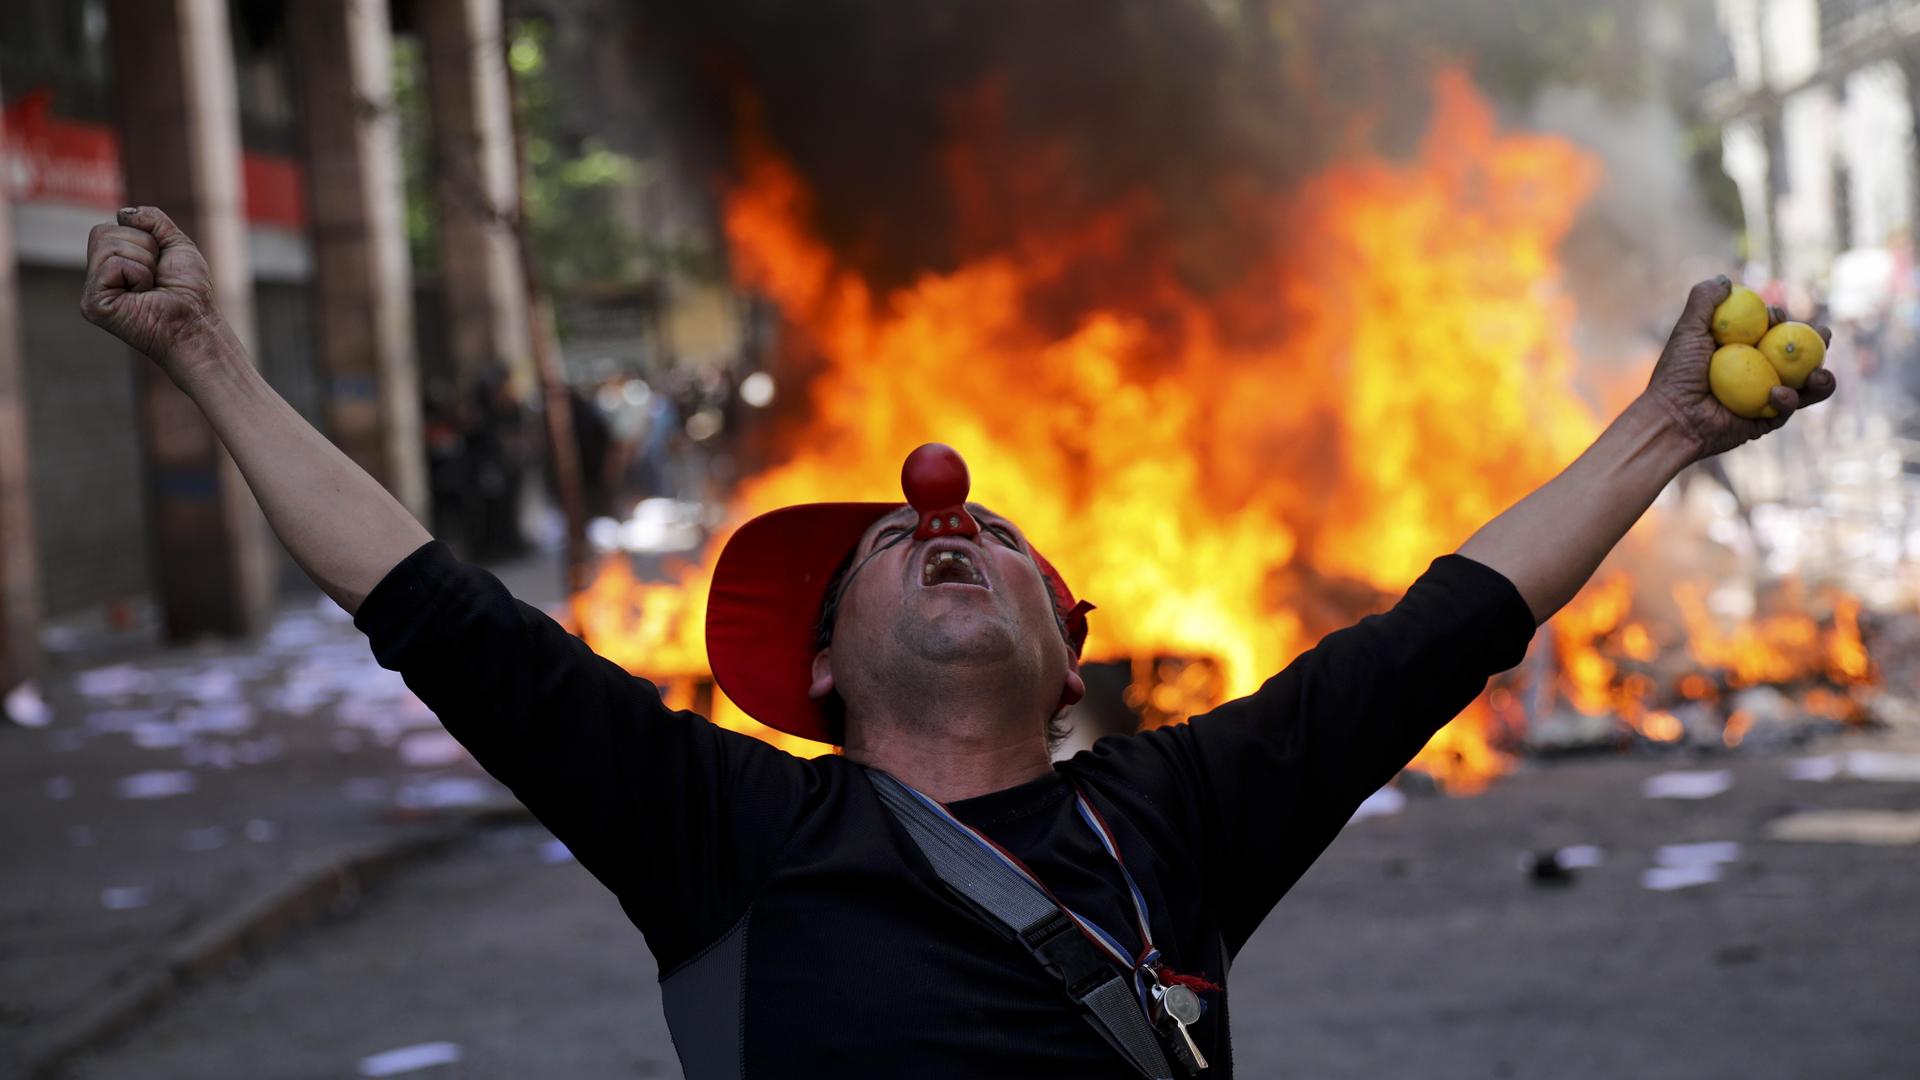 Caos y tragedia en Chile bajo un mar de protestas